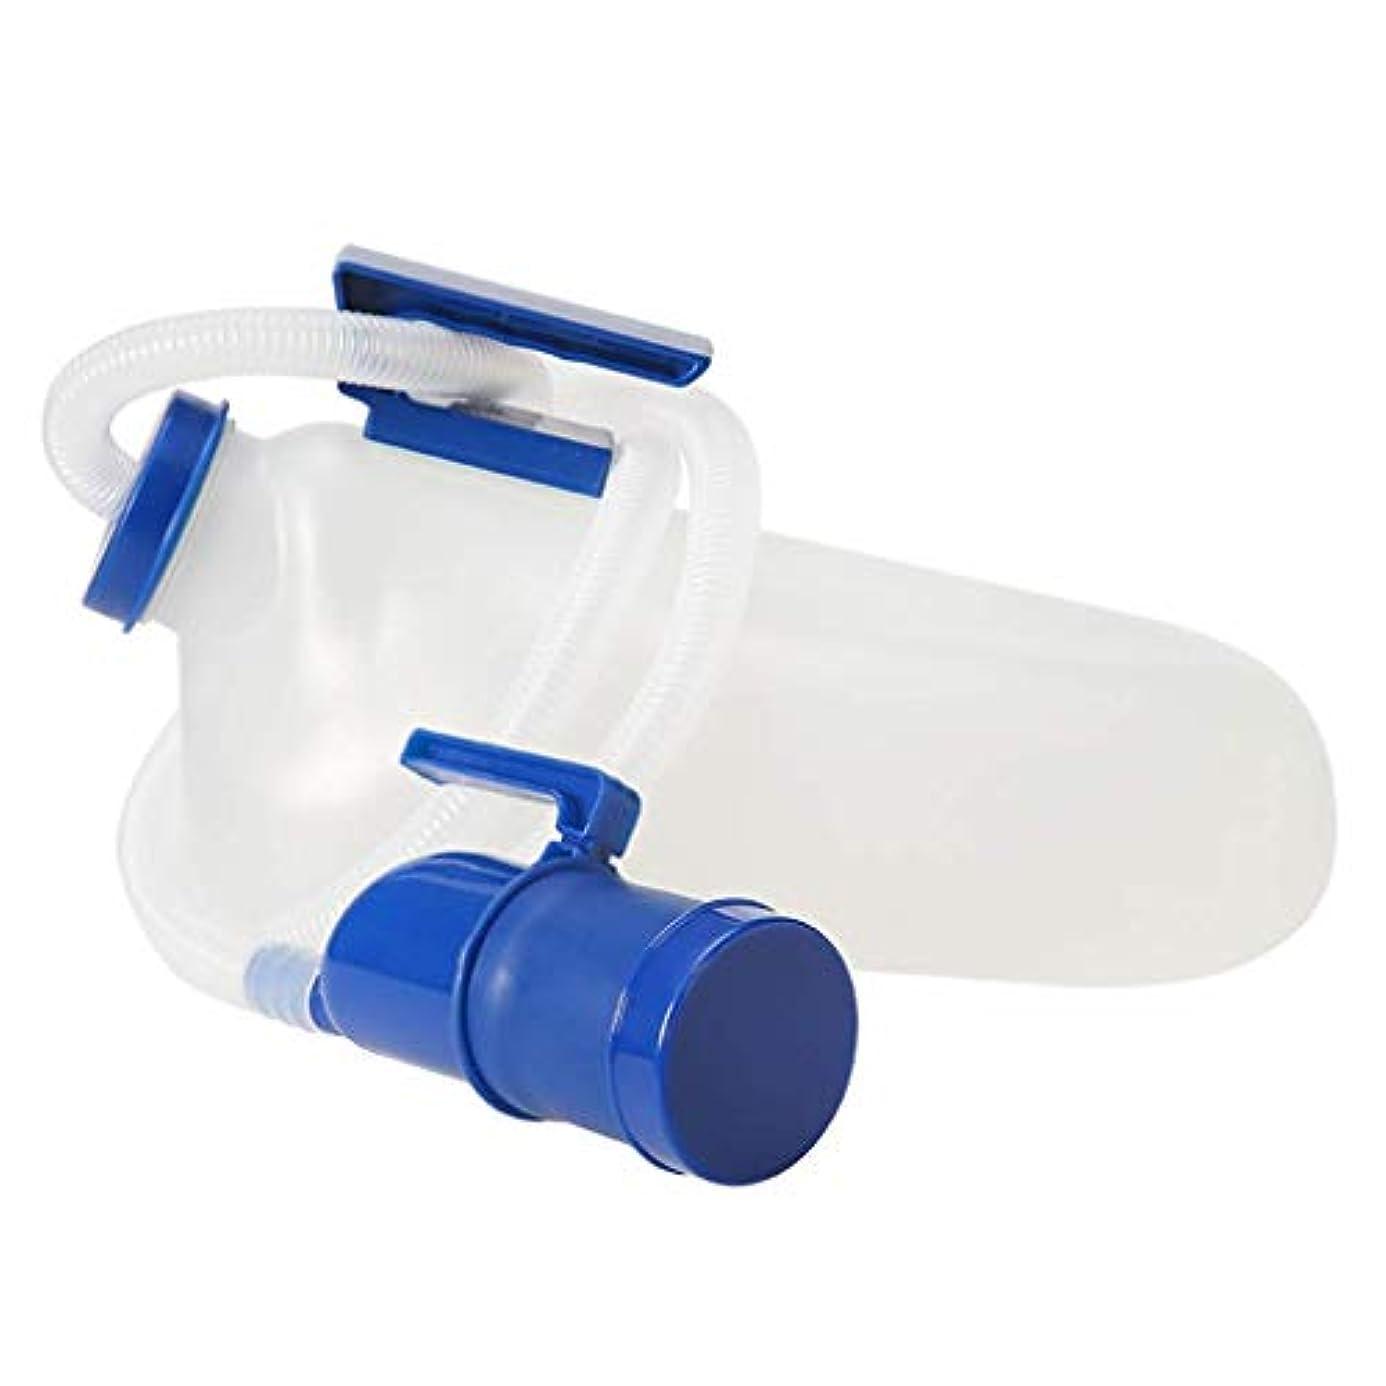 返還検体あなたが良くなります便器男性用の再利用可能な尿管男性用のふた付きの長い尿管ロングポータブル肥厚男性用の尿管2000ml、病院のキャンピングカートラベルトイレで使用